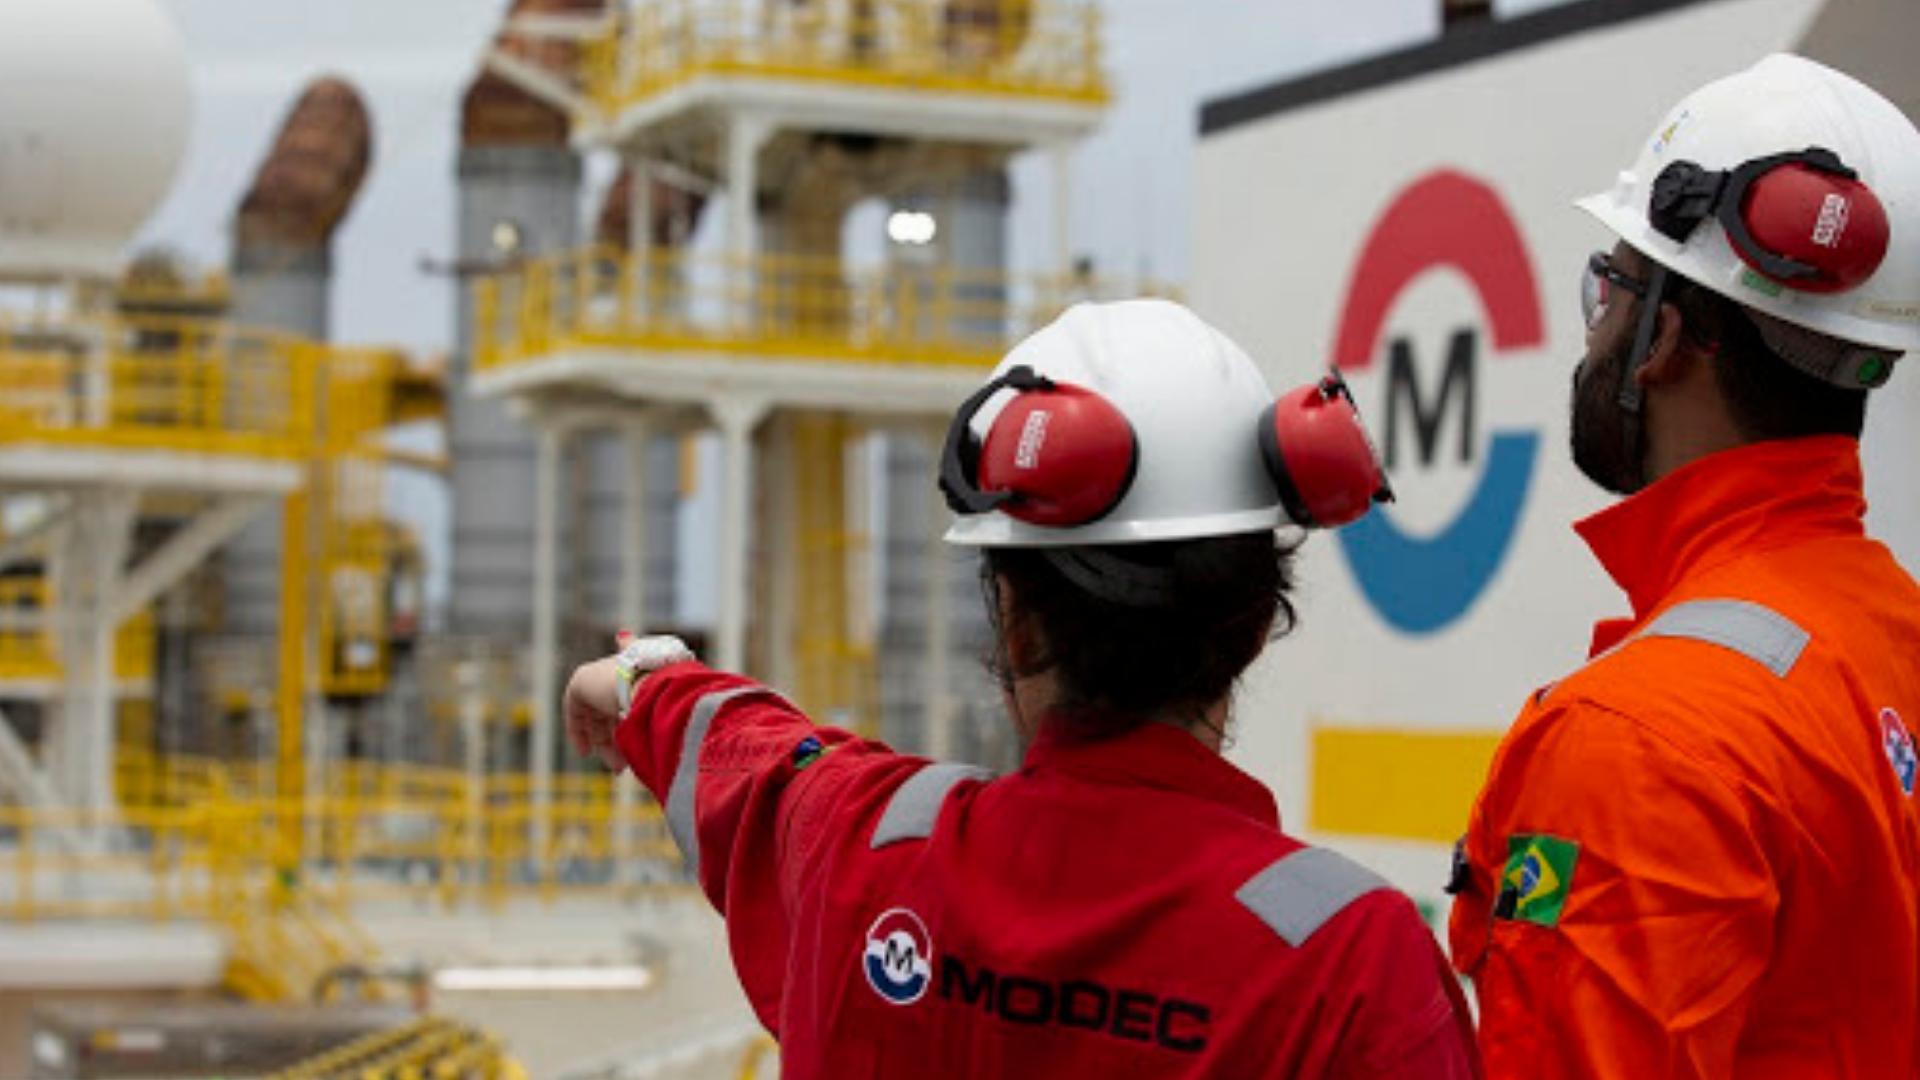 Emprego – Rio de Janeiro – offshore – Modec